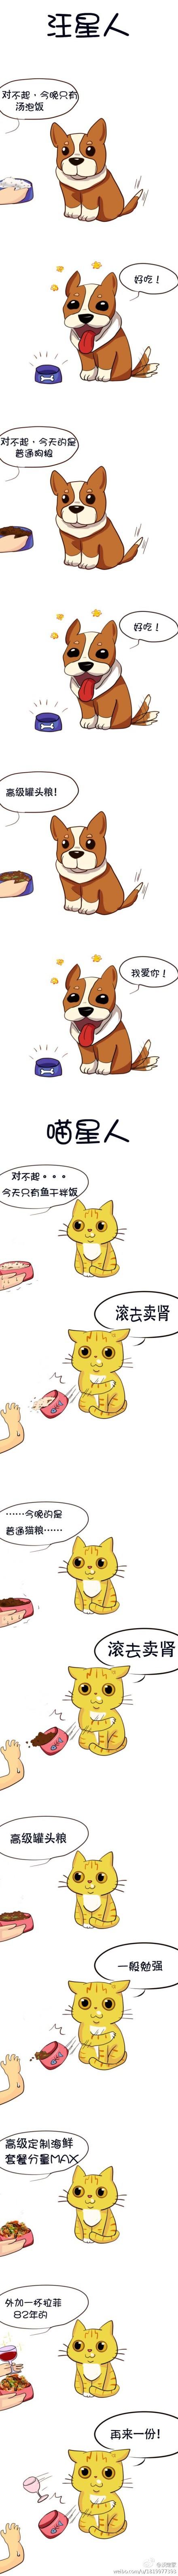 狗不嫌家贫,猫不嫌家富…… 「via淡定冢 」